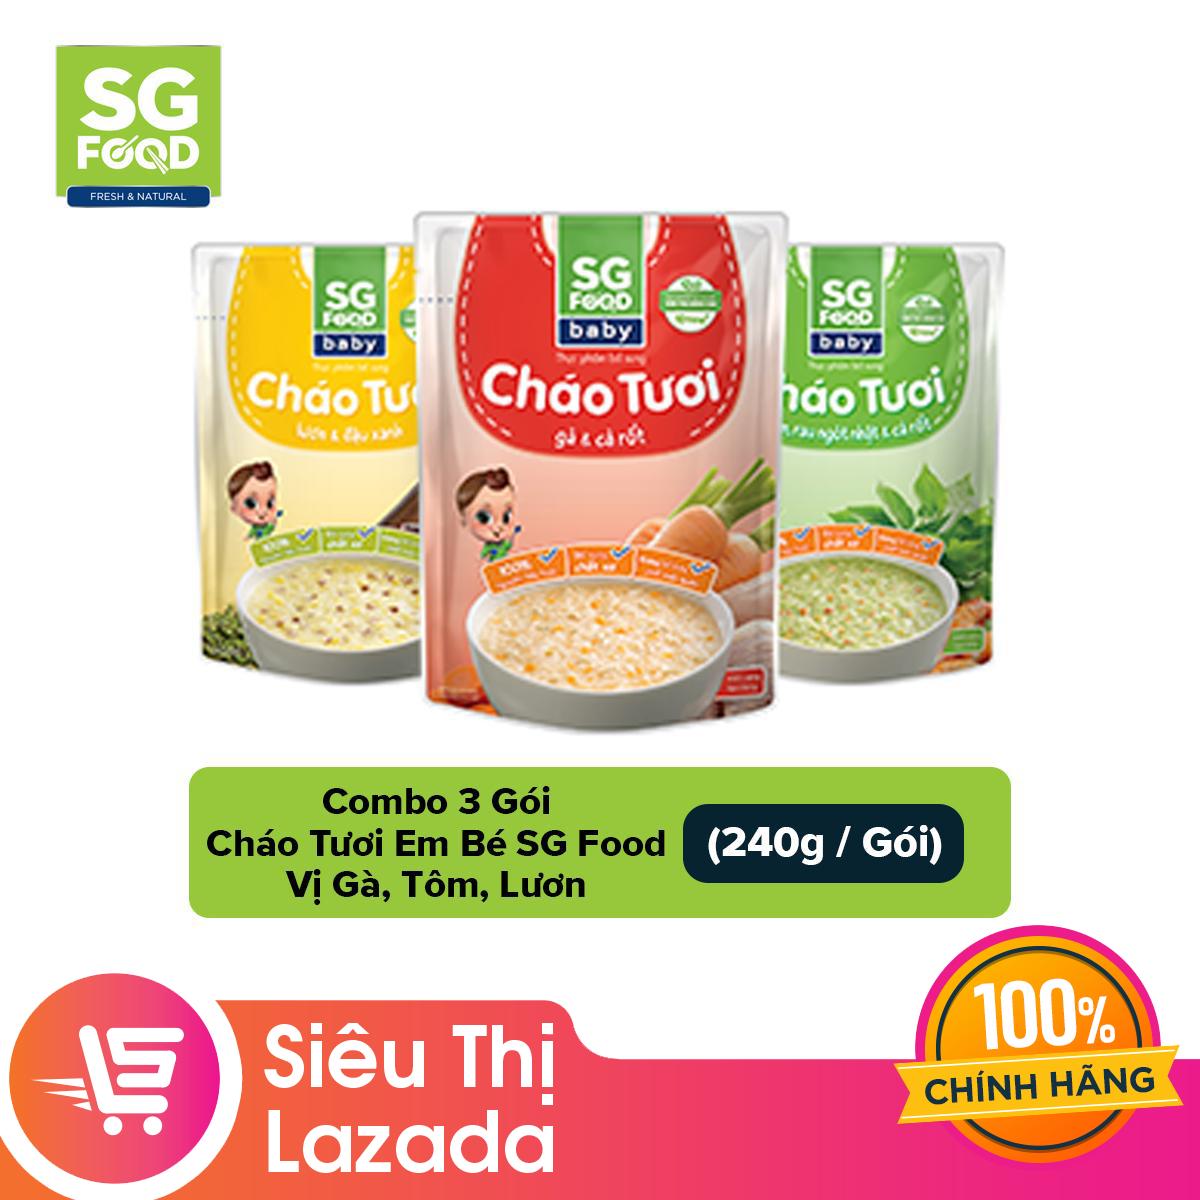 [Siêu thị Lazada]Combo 3 Gói Cháo Tươi Em Bé Sài Gòn Food vị Gà Tôm Lươn (3 gói x 240g)